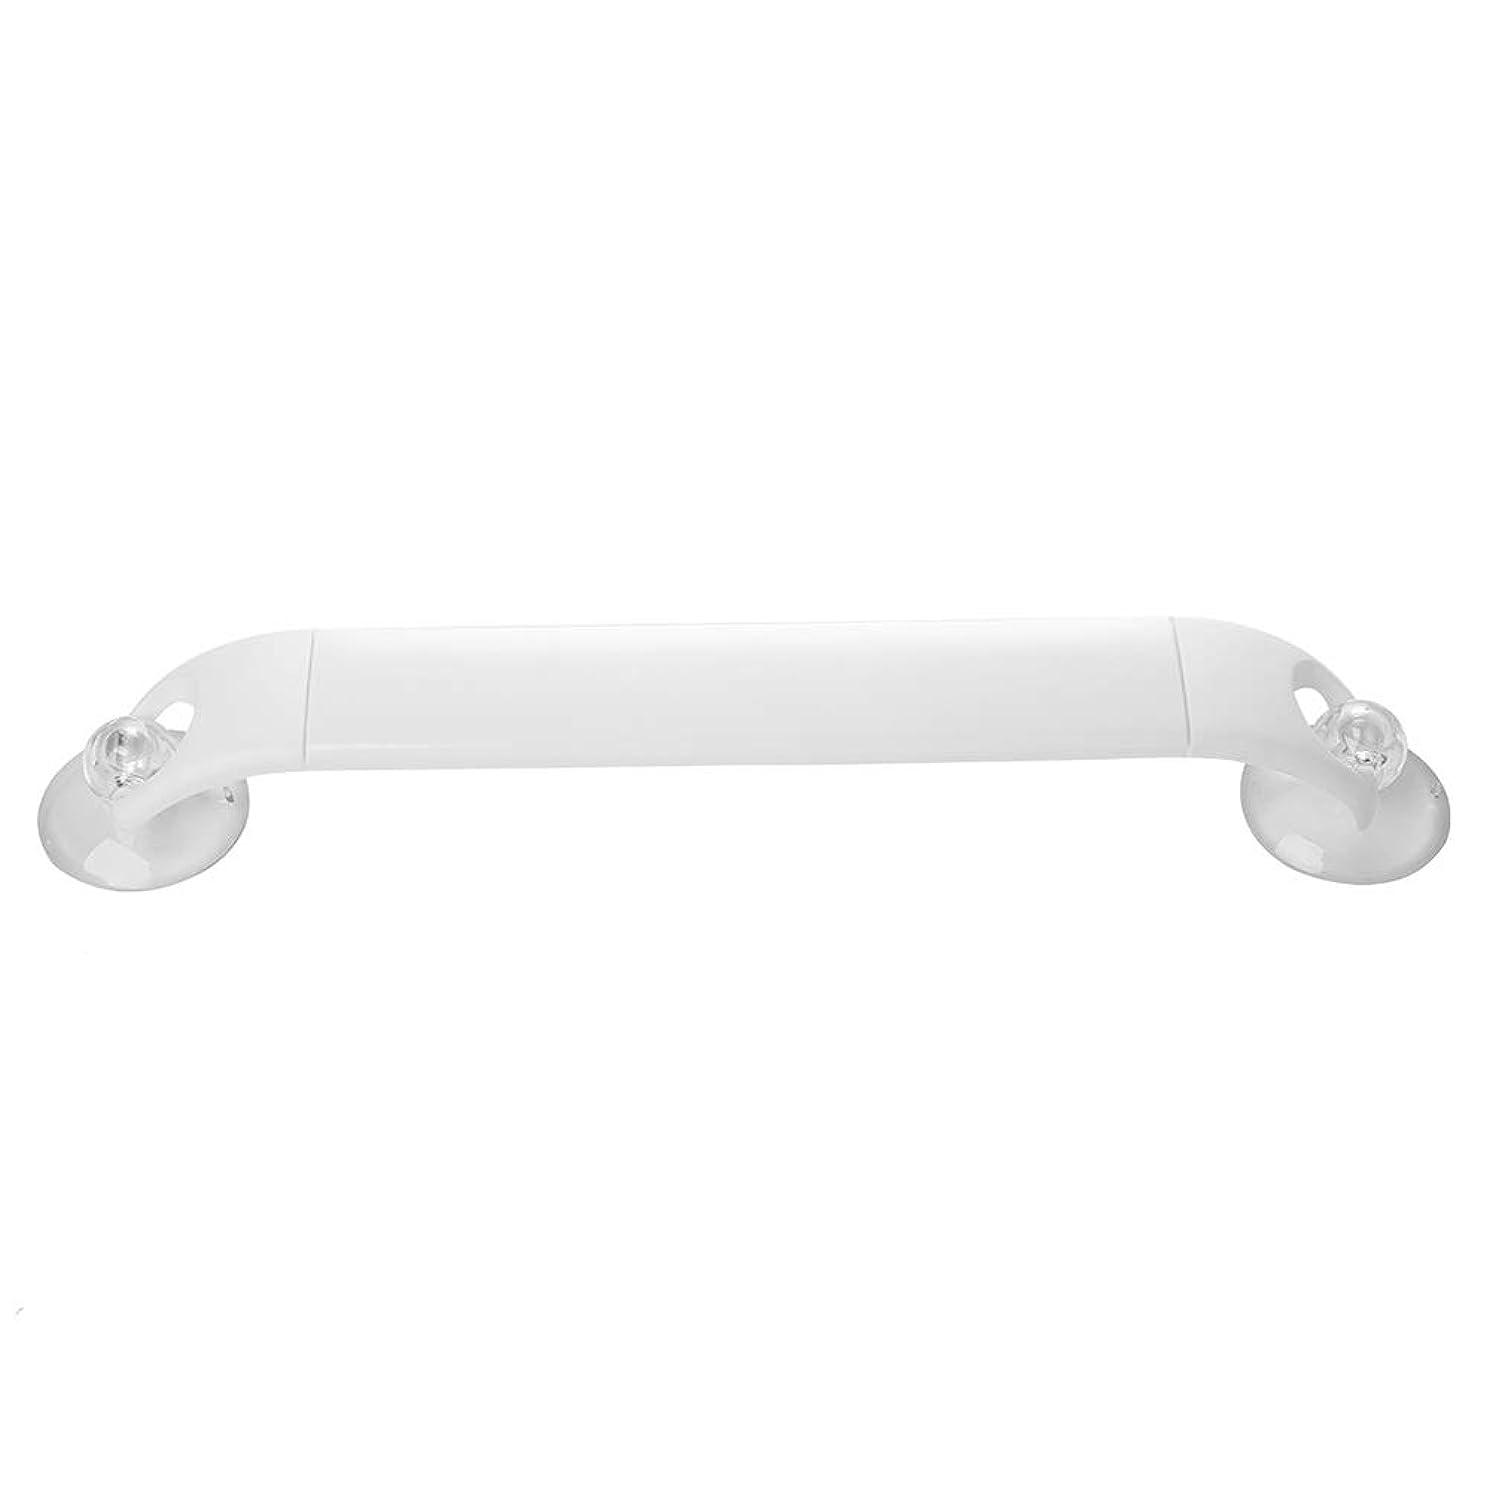 フルーツ装置上げるYGC24 タオルホルダーウォールタオルバータオルラックタオル棚タオルスタンドタオルレールタオルスタッカーストレージホルダープラスチック強力な吸盤伸縮コーナーをマウント (Color : White, Size : 32cm)